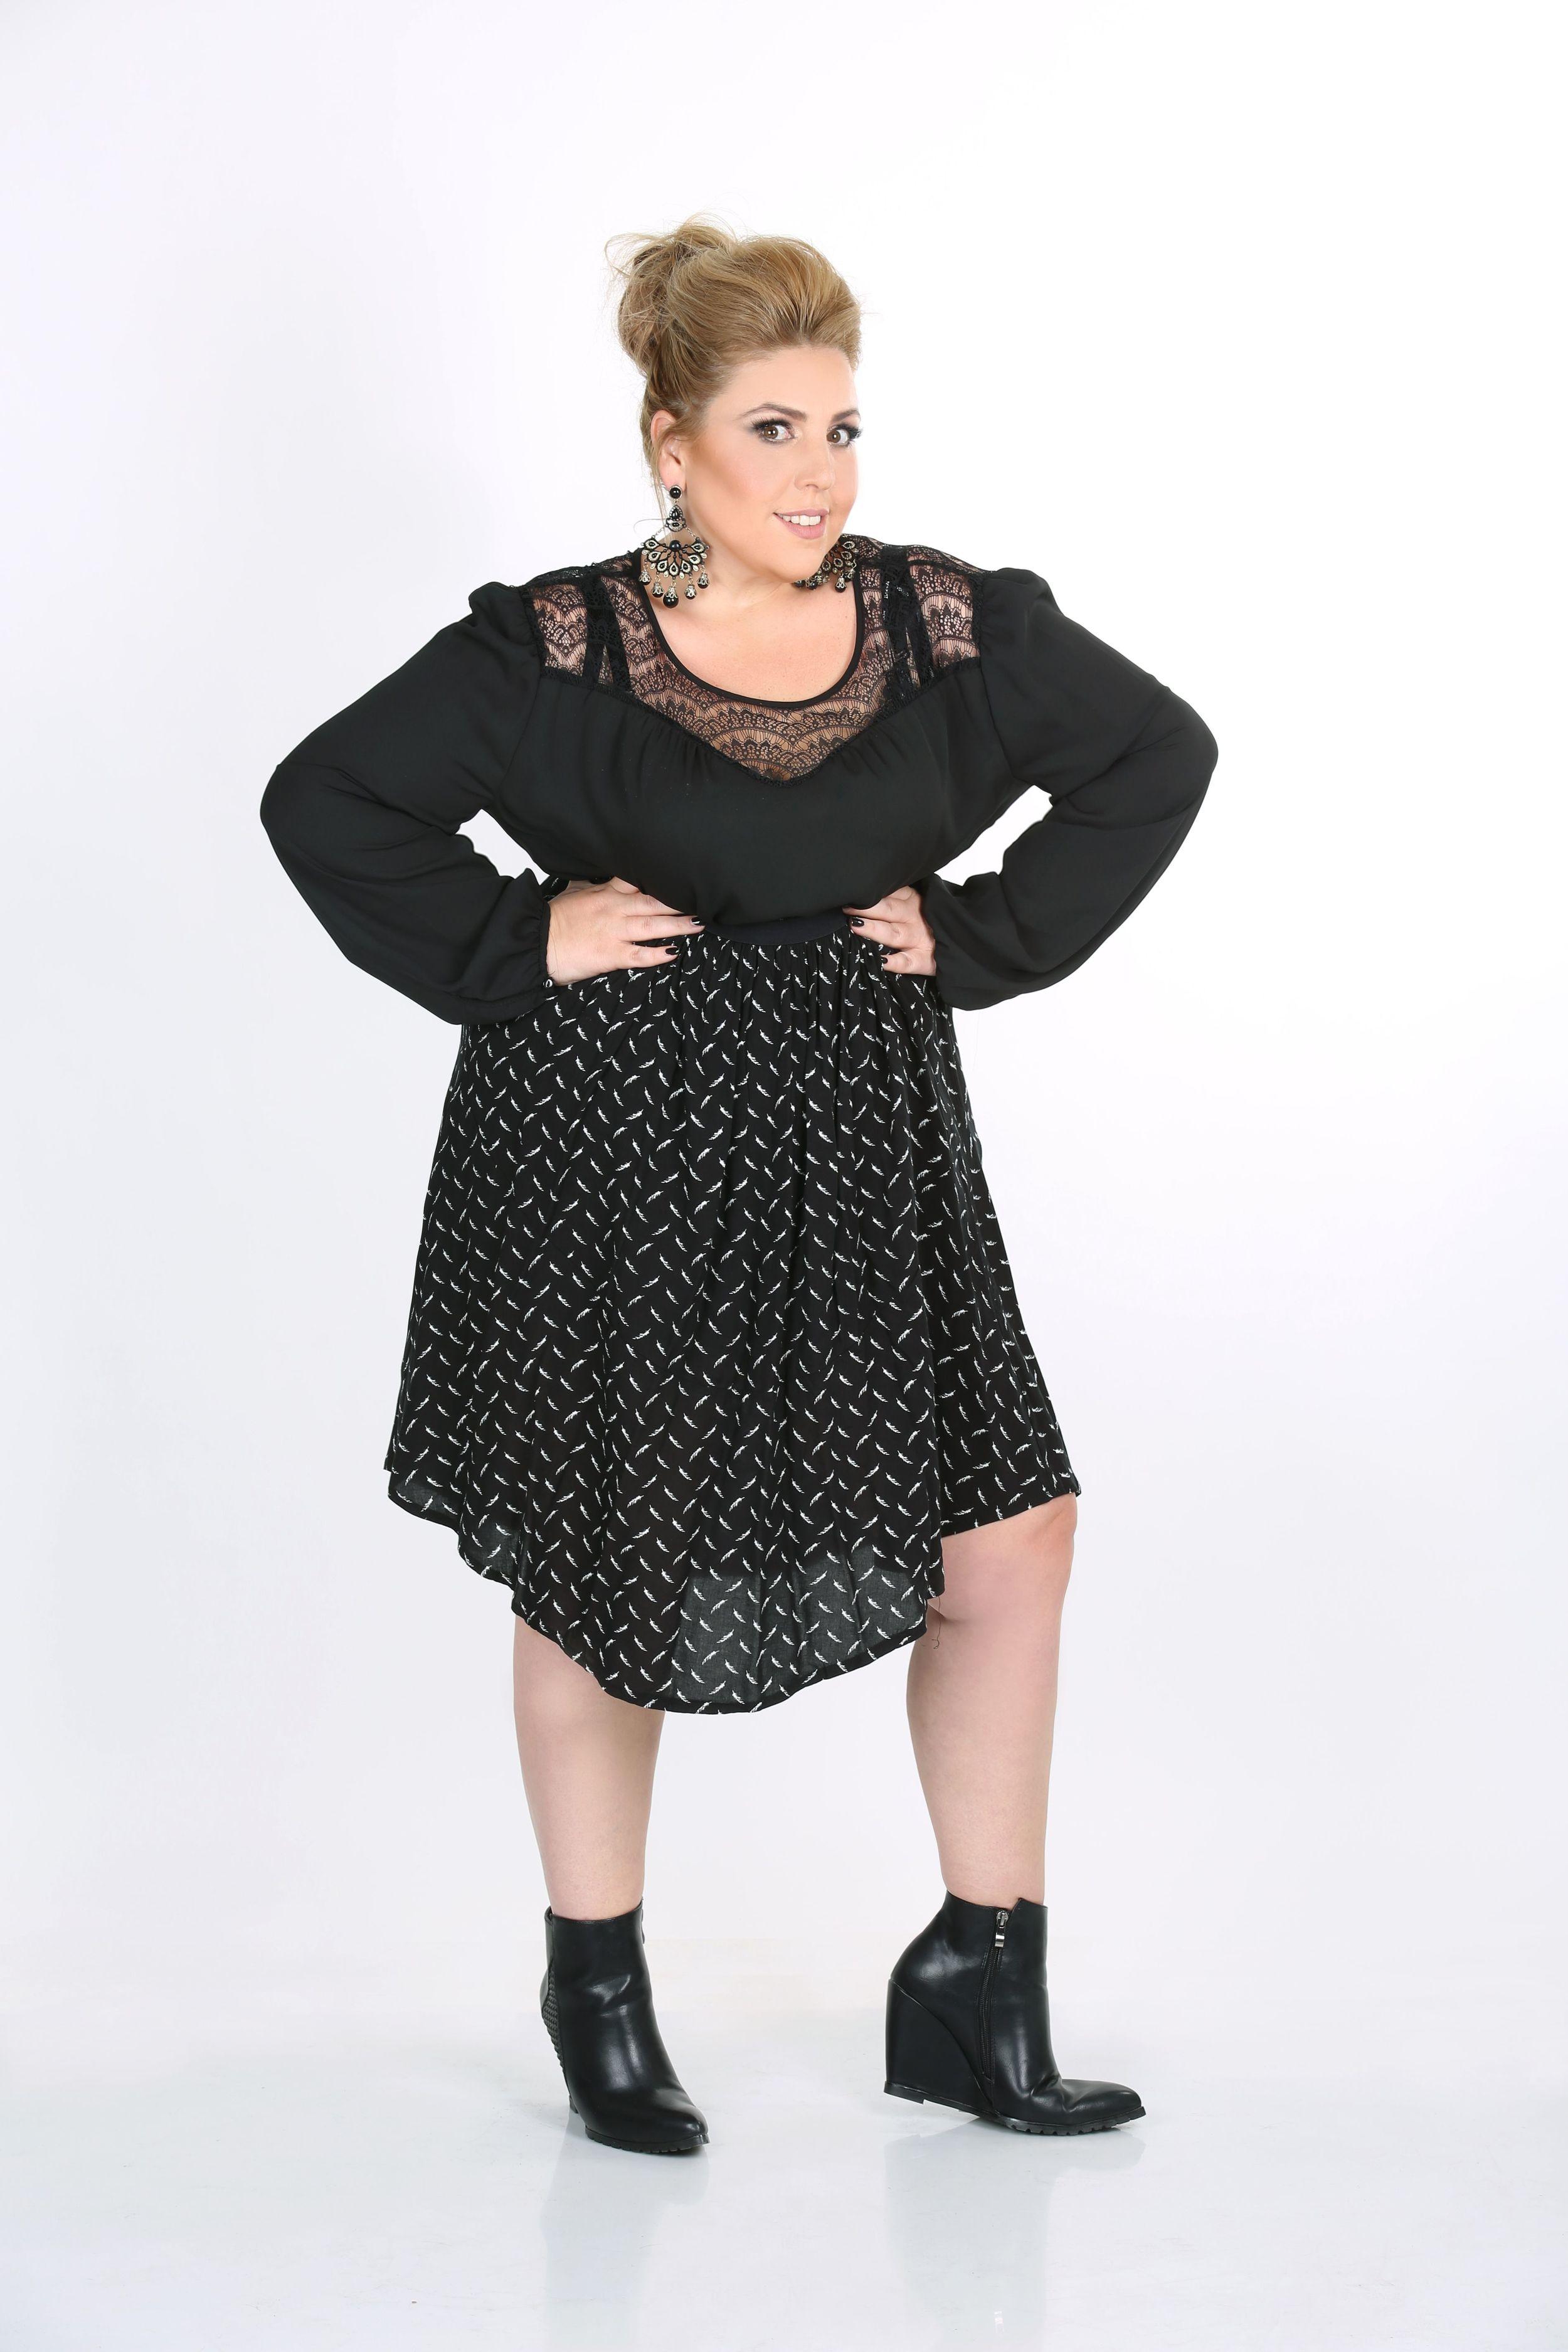 חולצה 299 שח חצאית 279 שח NOEMI PLUS בזל 32 תל אביב צילום יעל ונעמי צלמות.JPG